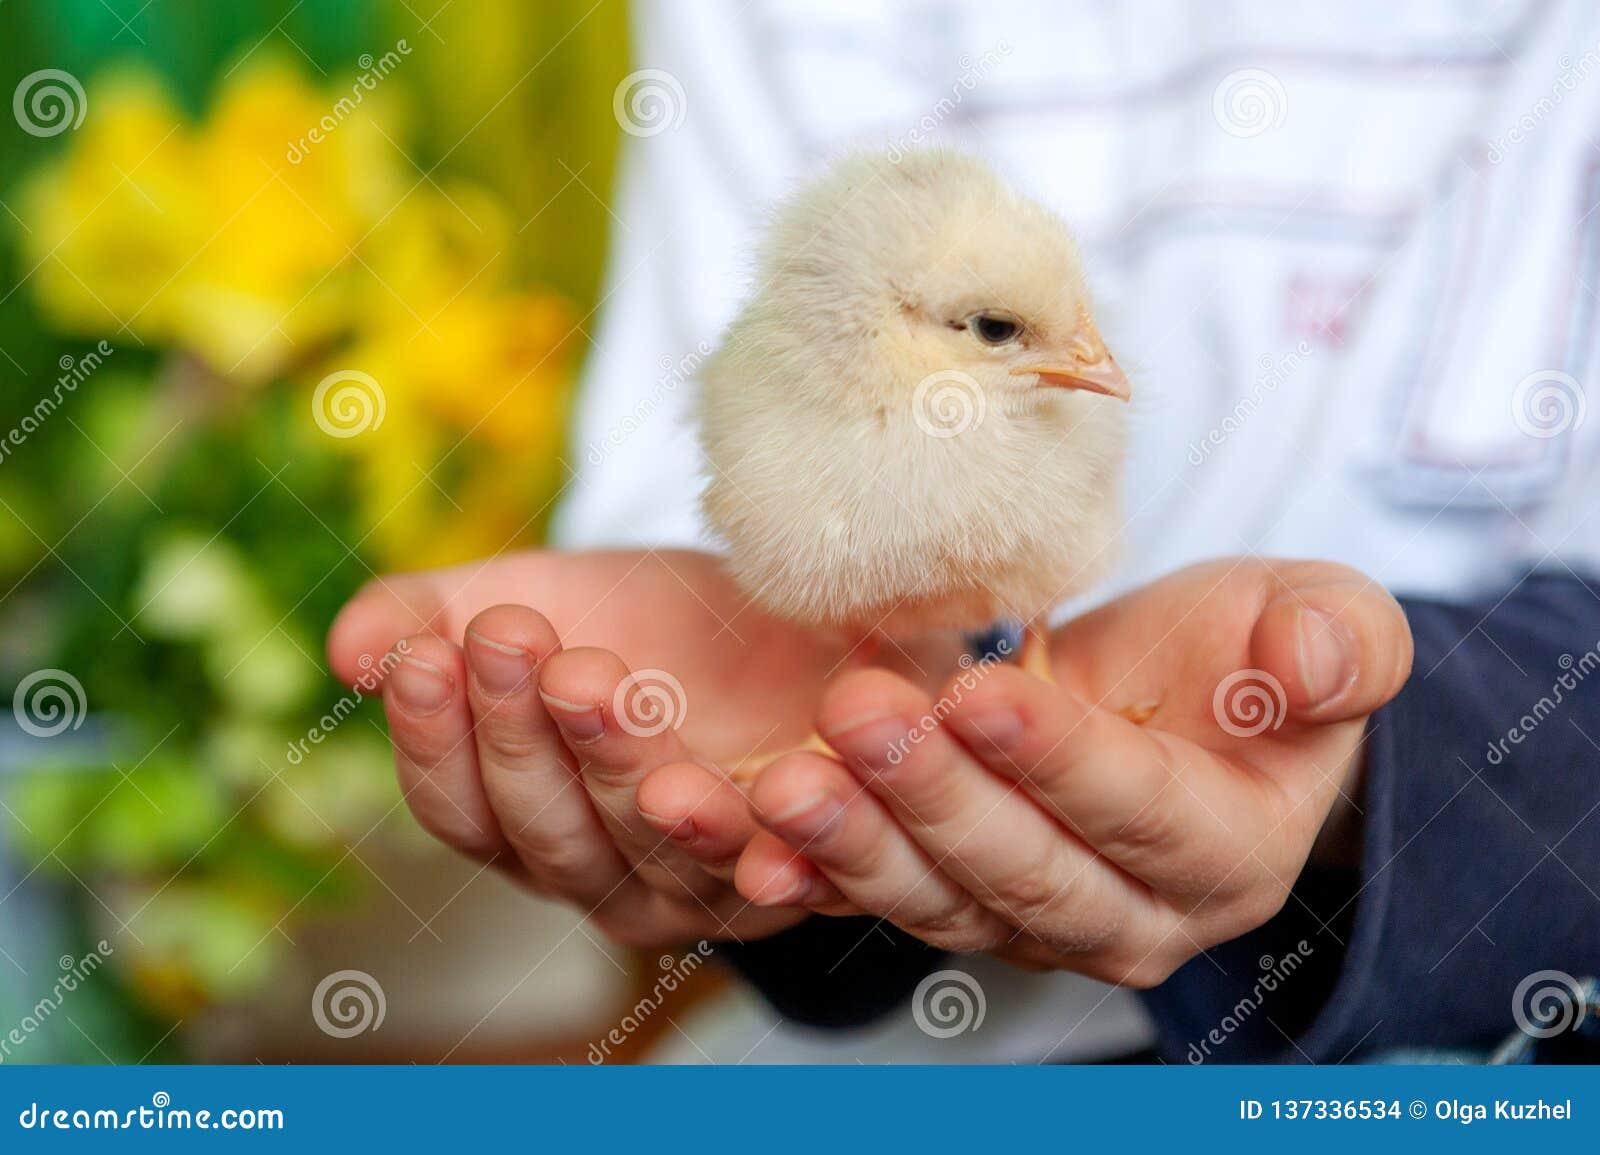 Меньший цыпленок на руках детей, мальчике и птице, лучших другах, концепции пасхи